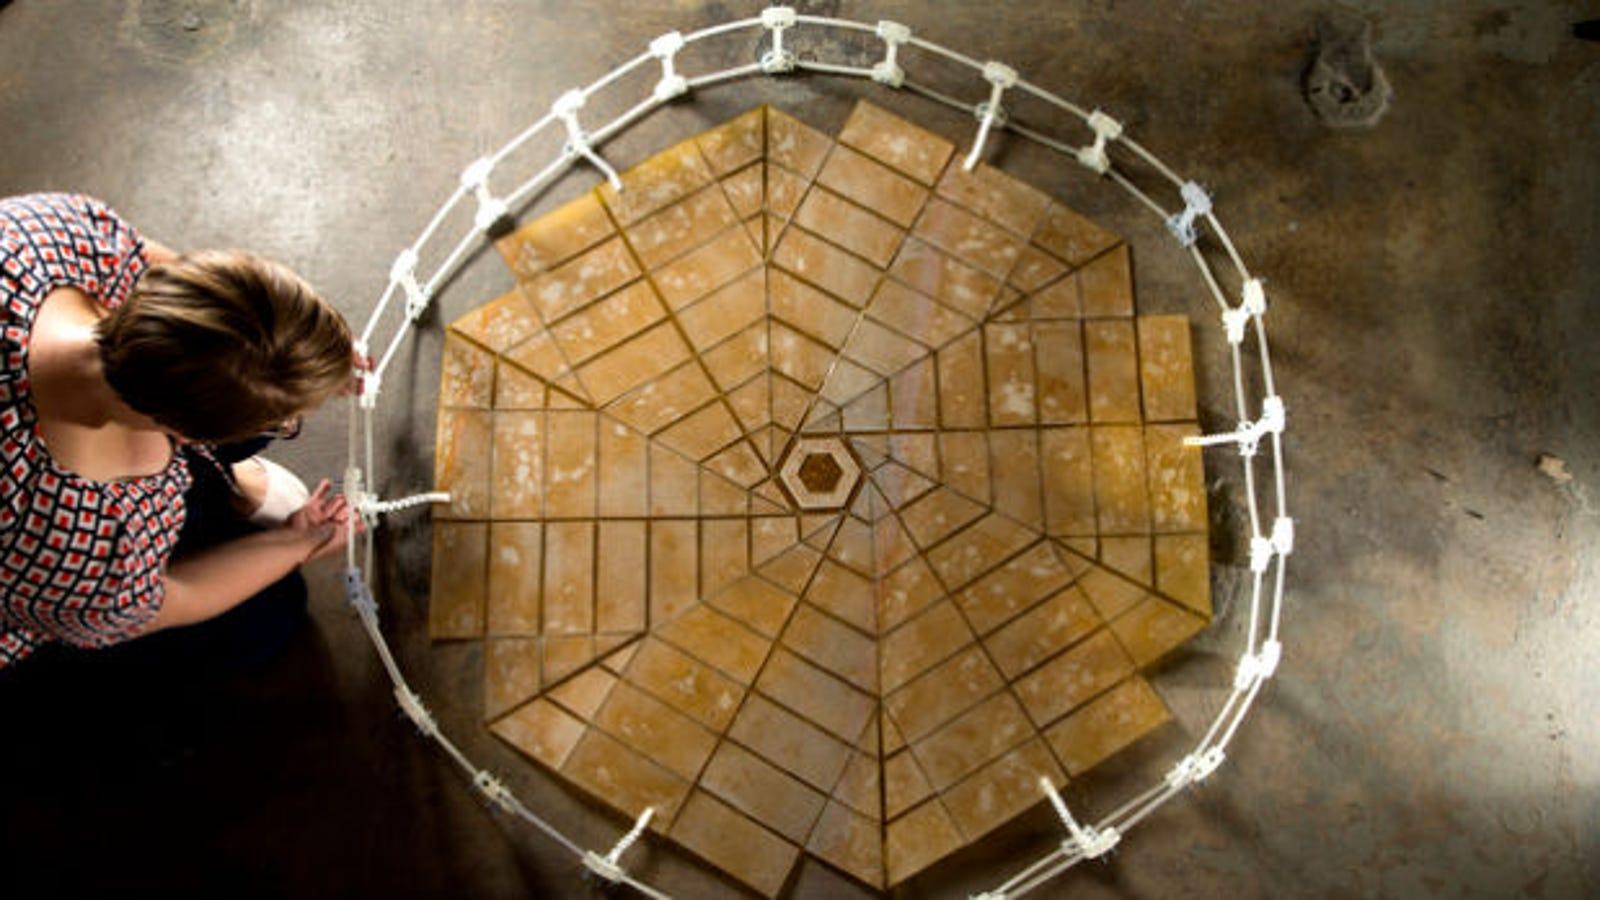 La NASA trabaja en paneles solares inspirados en el origami